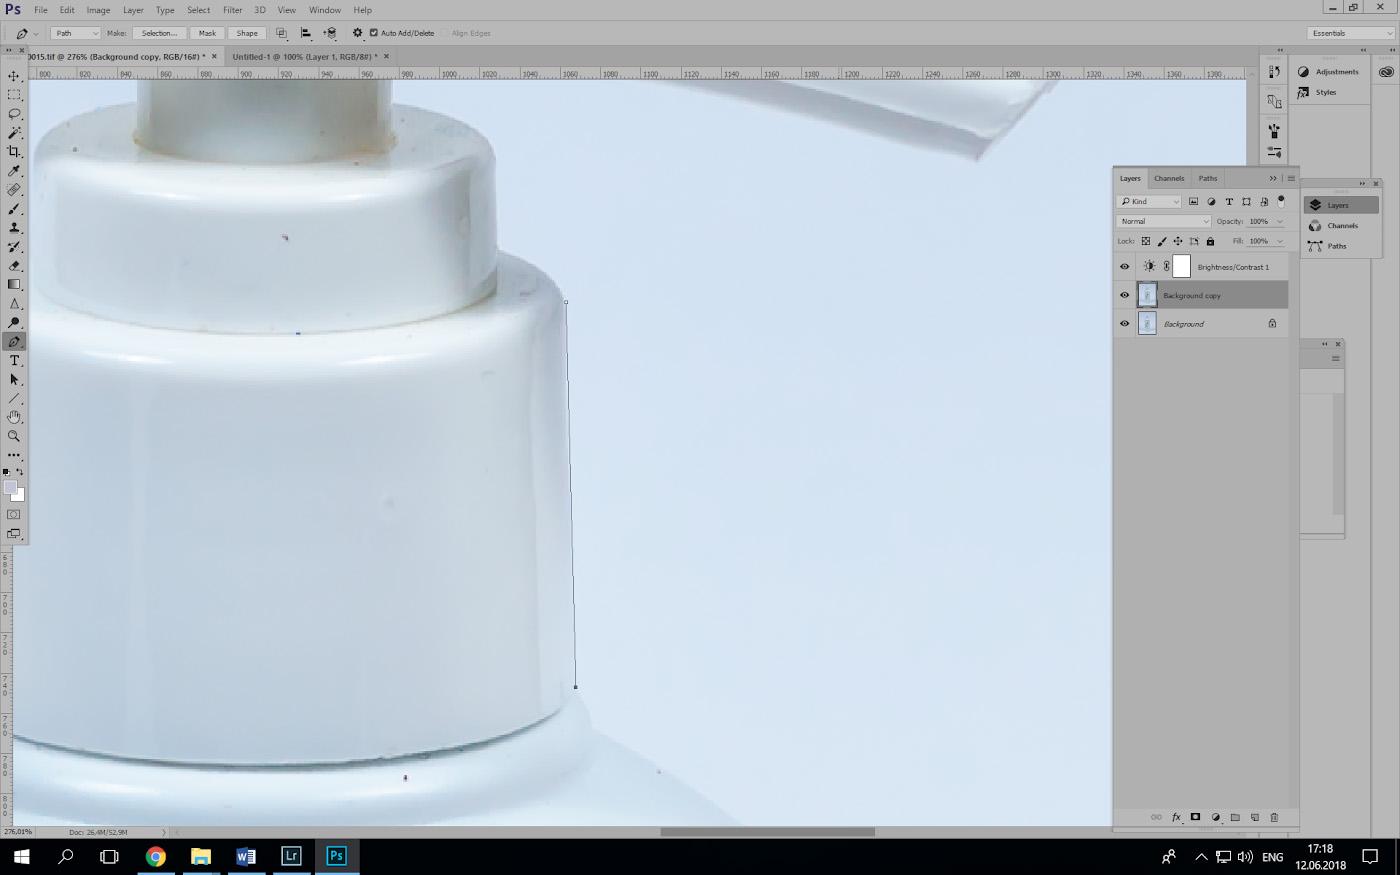 Фотография 20. Использование инструмента «Pen» для обтравки предметных фотографий и получения белого фона.